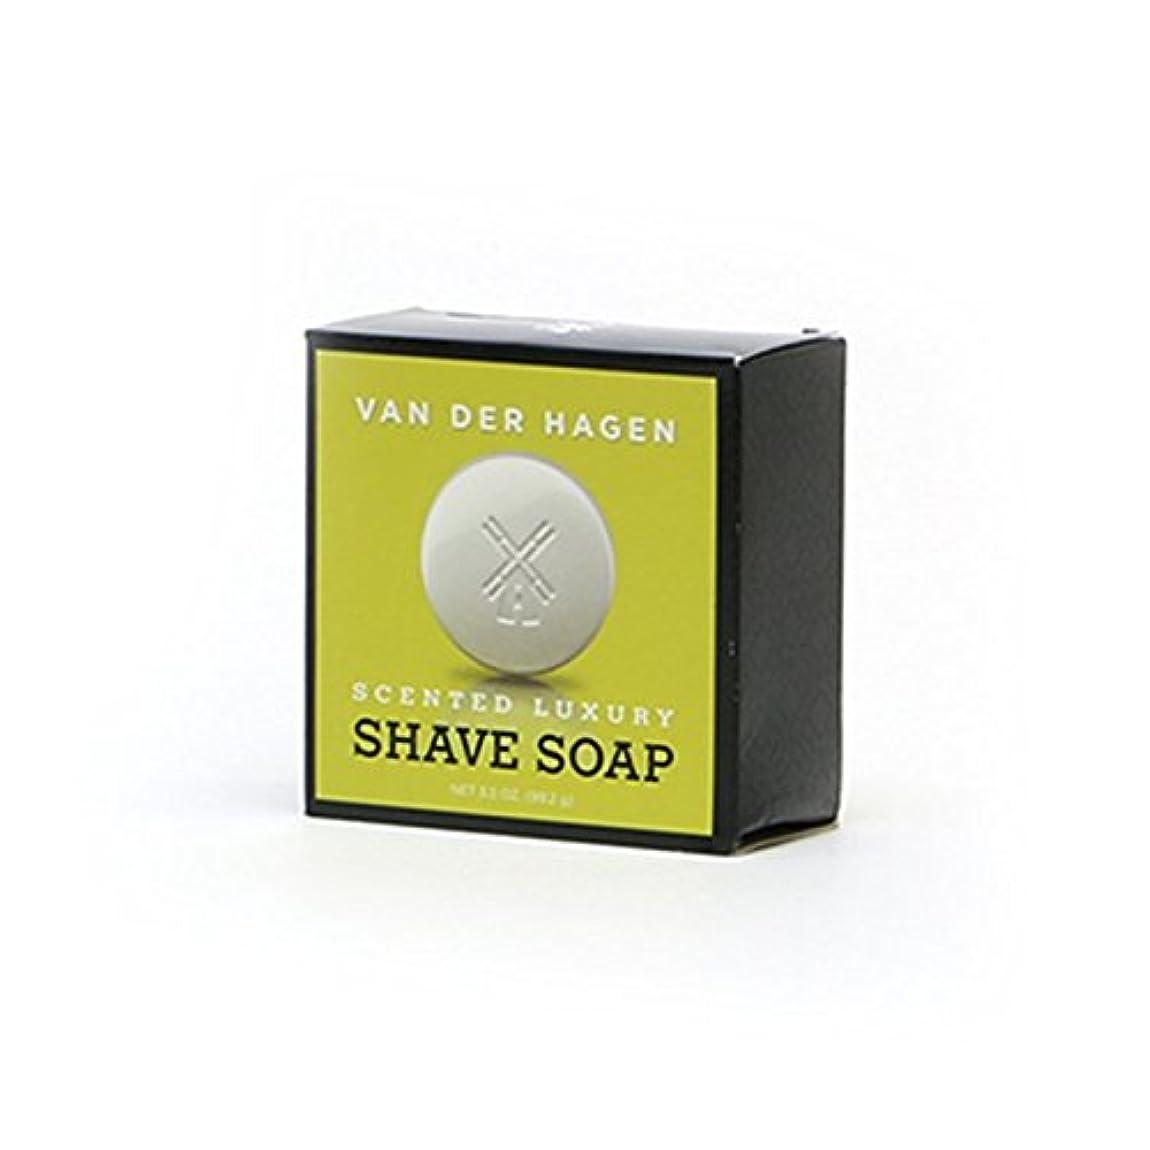 偏見ストリップ時間厳守VANDERHAGEN(米) シェービングソープ 剃刀負けしにくい アクア系 髭剃り用石鹸